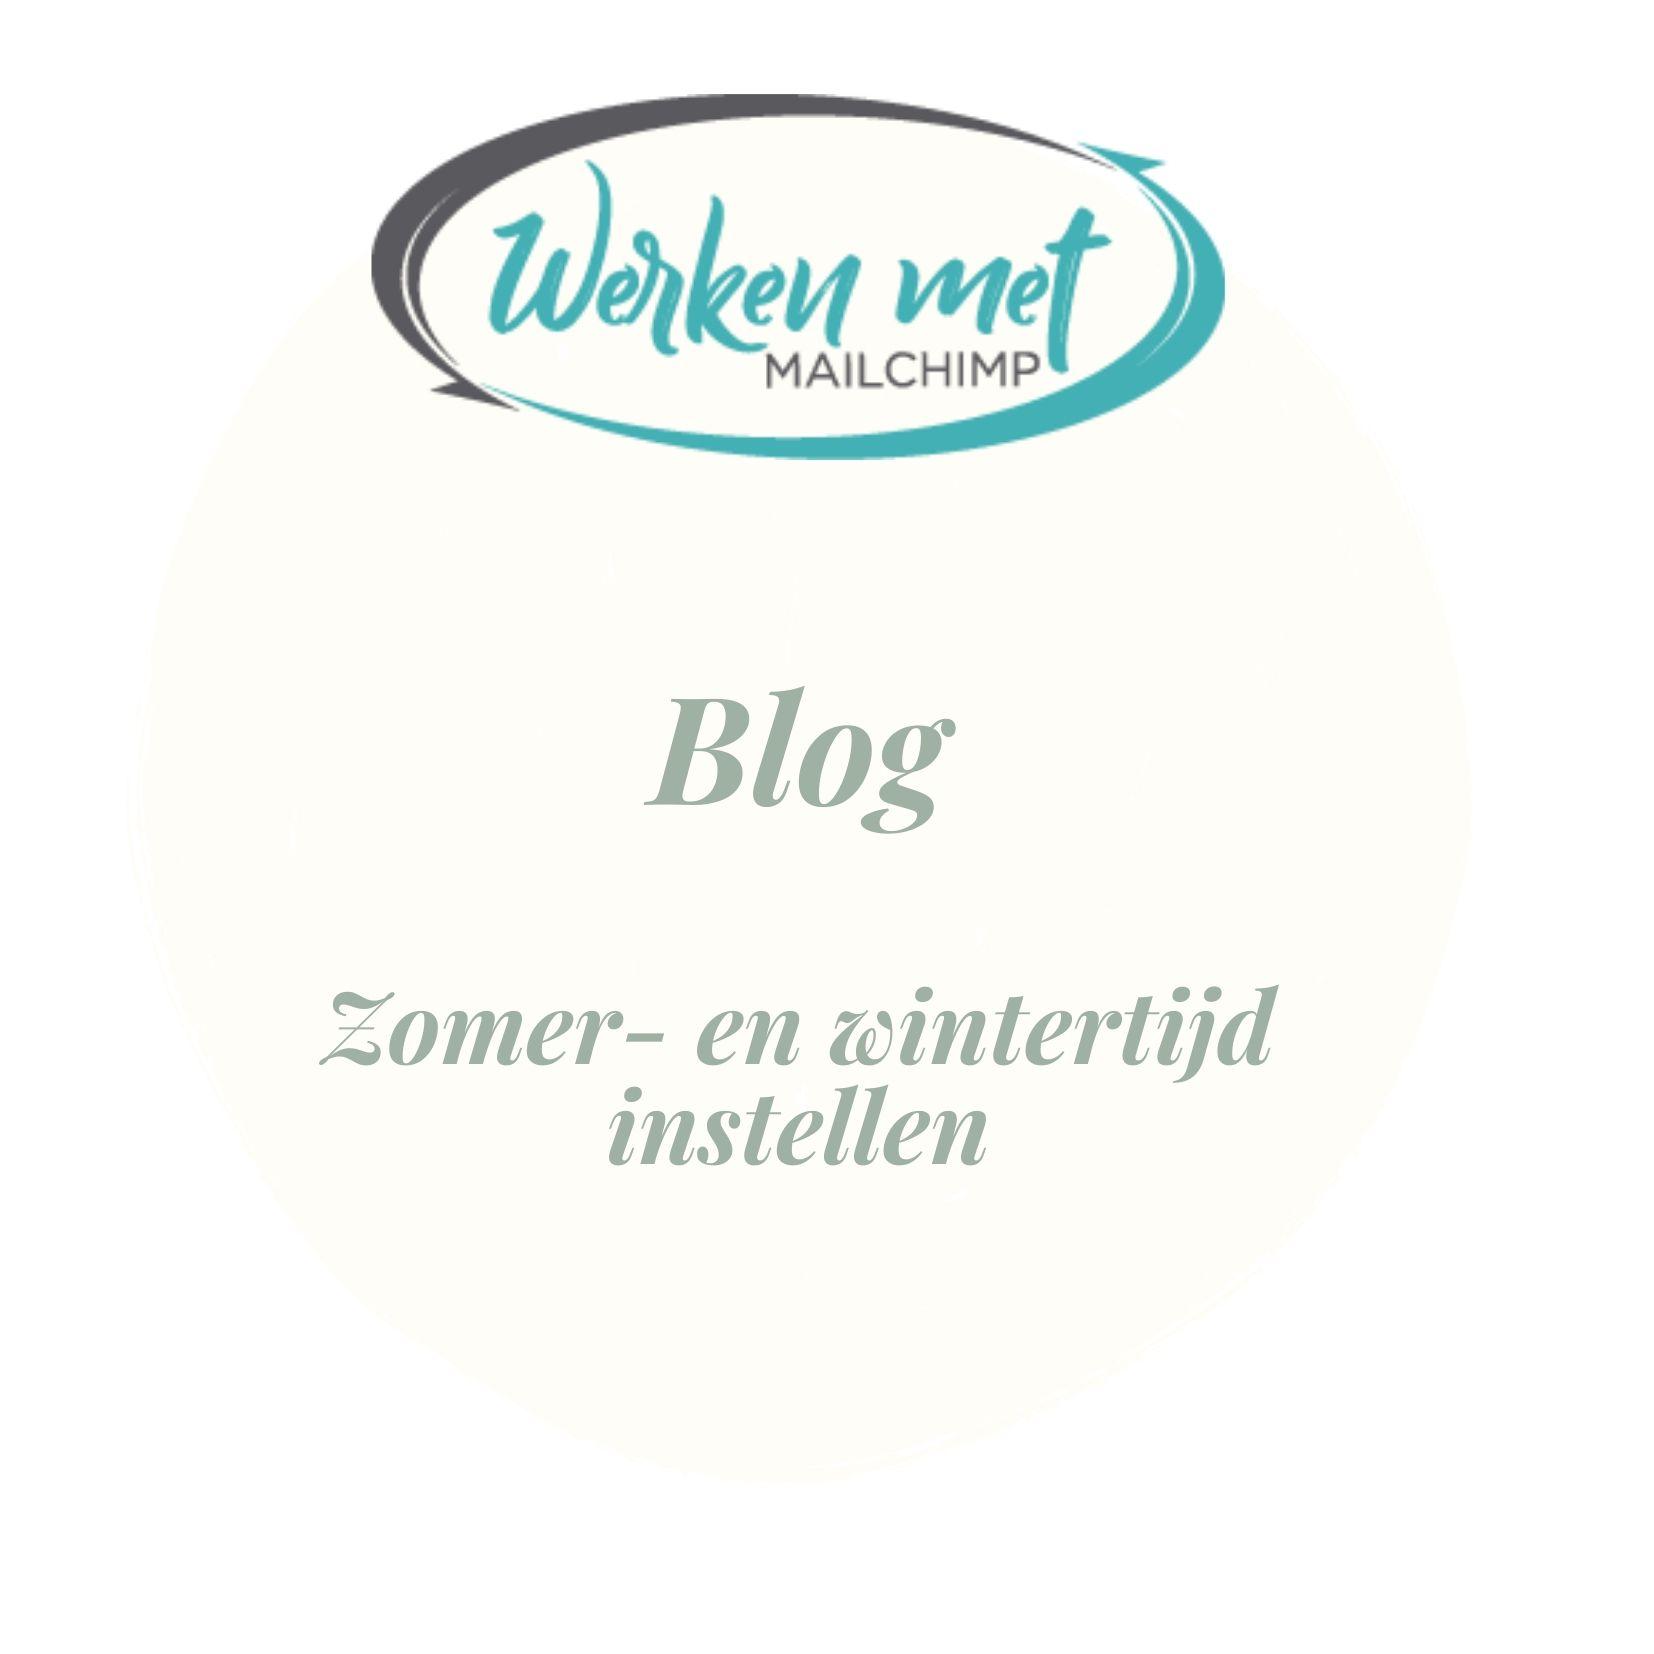 blog-zomer-en-wintertijd-instellen-mailchimp